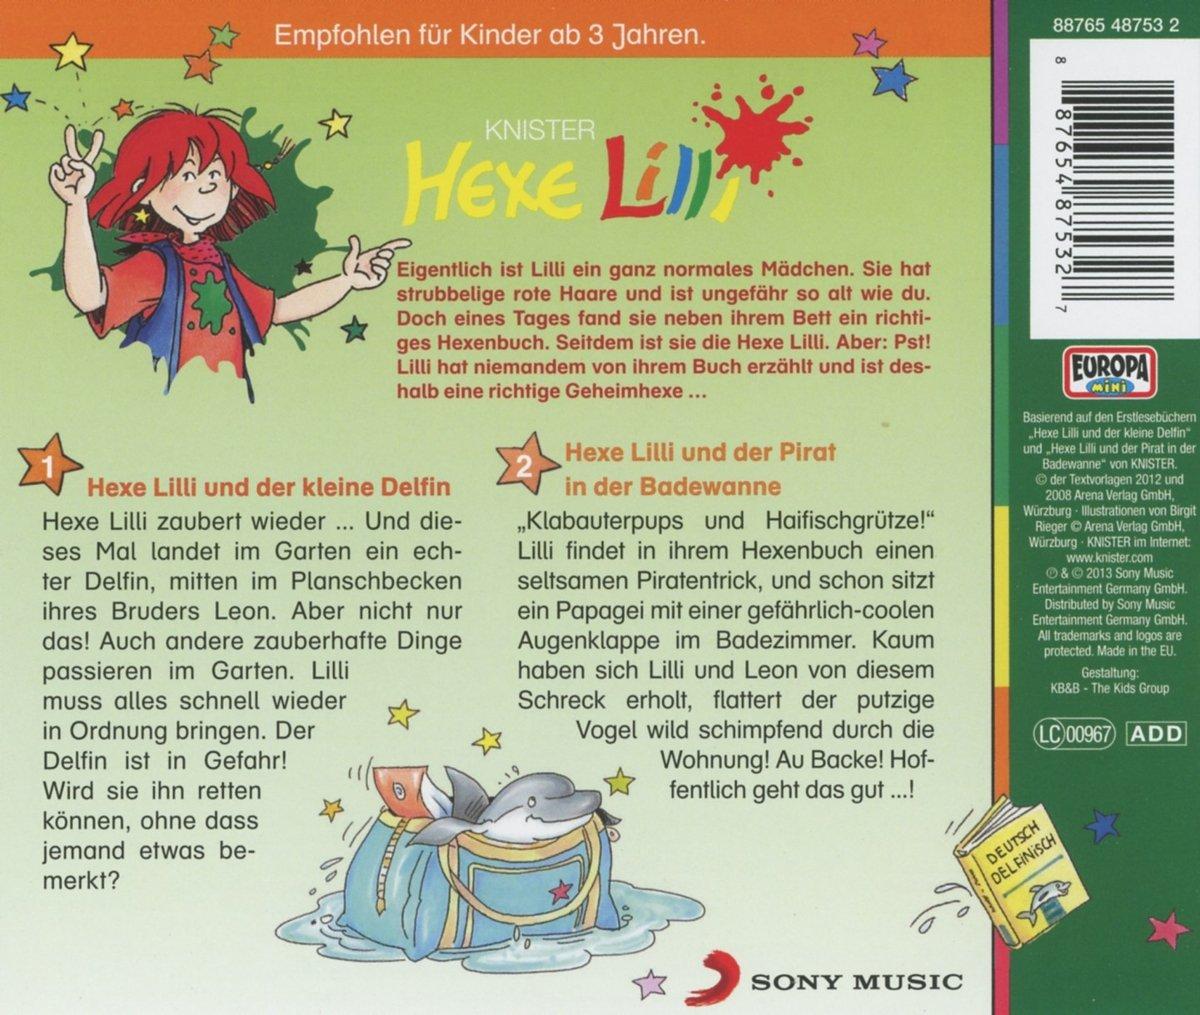 Und der Kleine Delfin - Hexe Lilli: Amazon.de: Musik